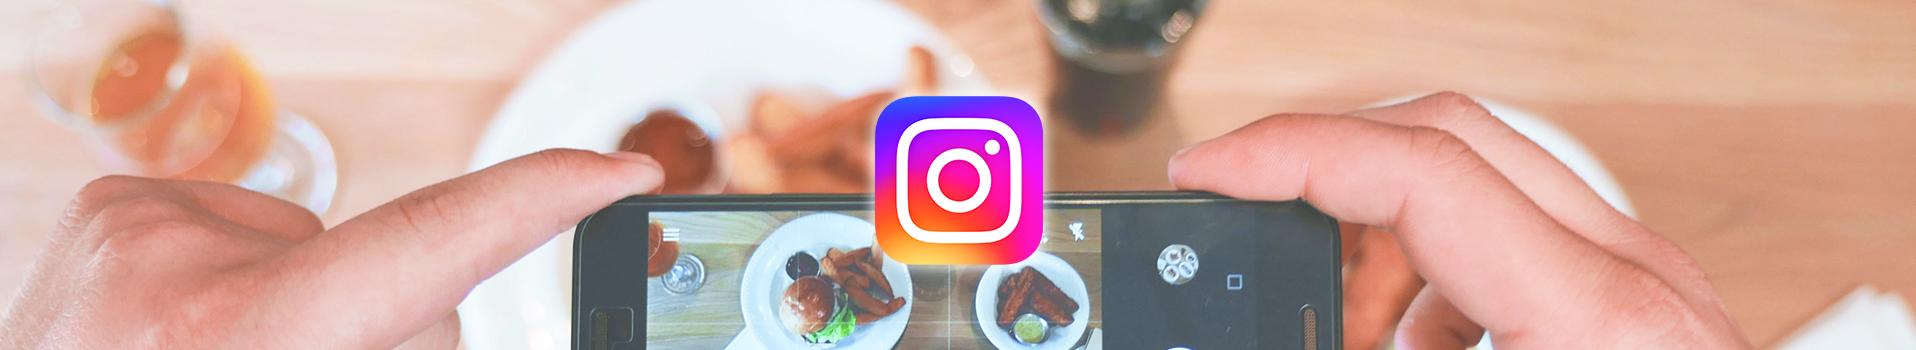 Slide-instagram